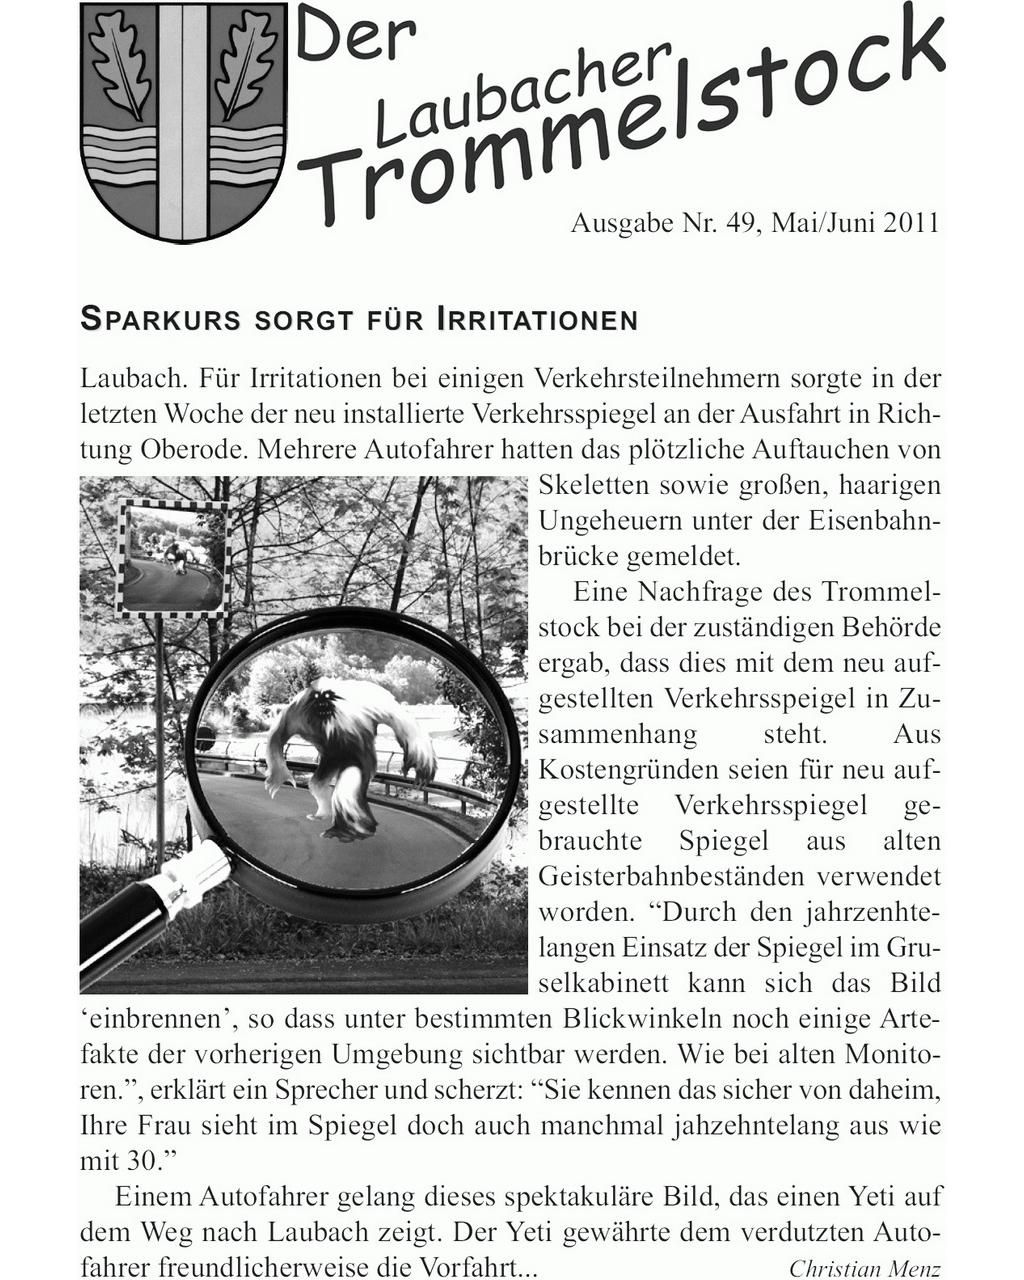 Laubacher-Trommelstock-Titelseite-049